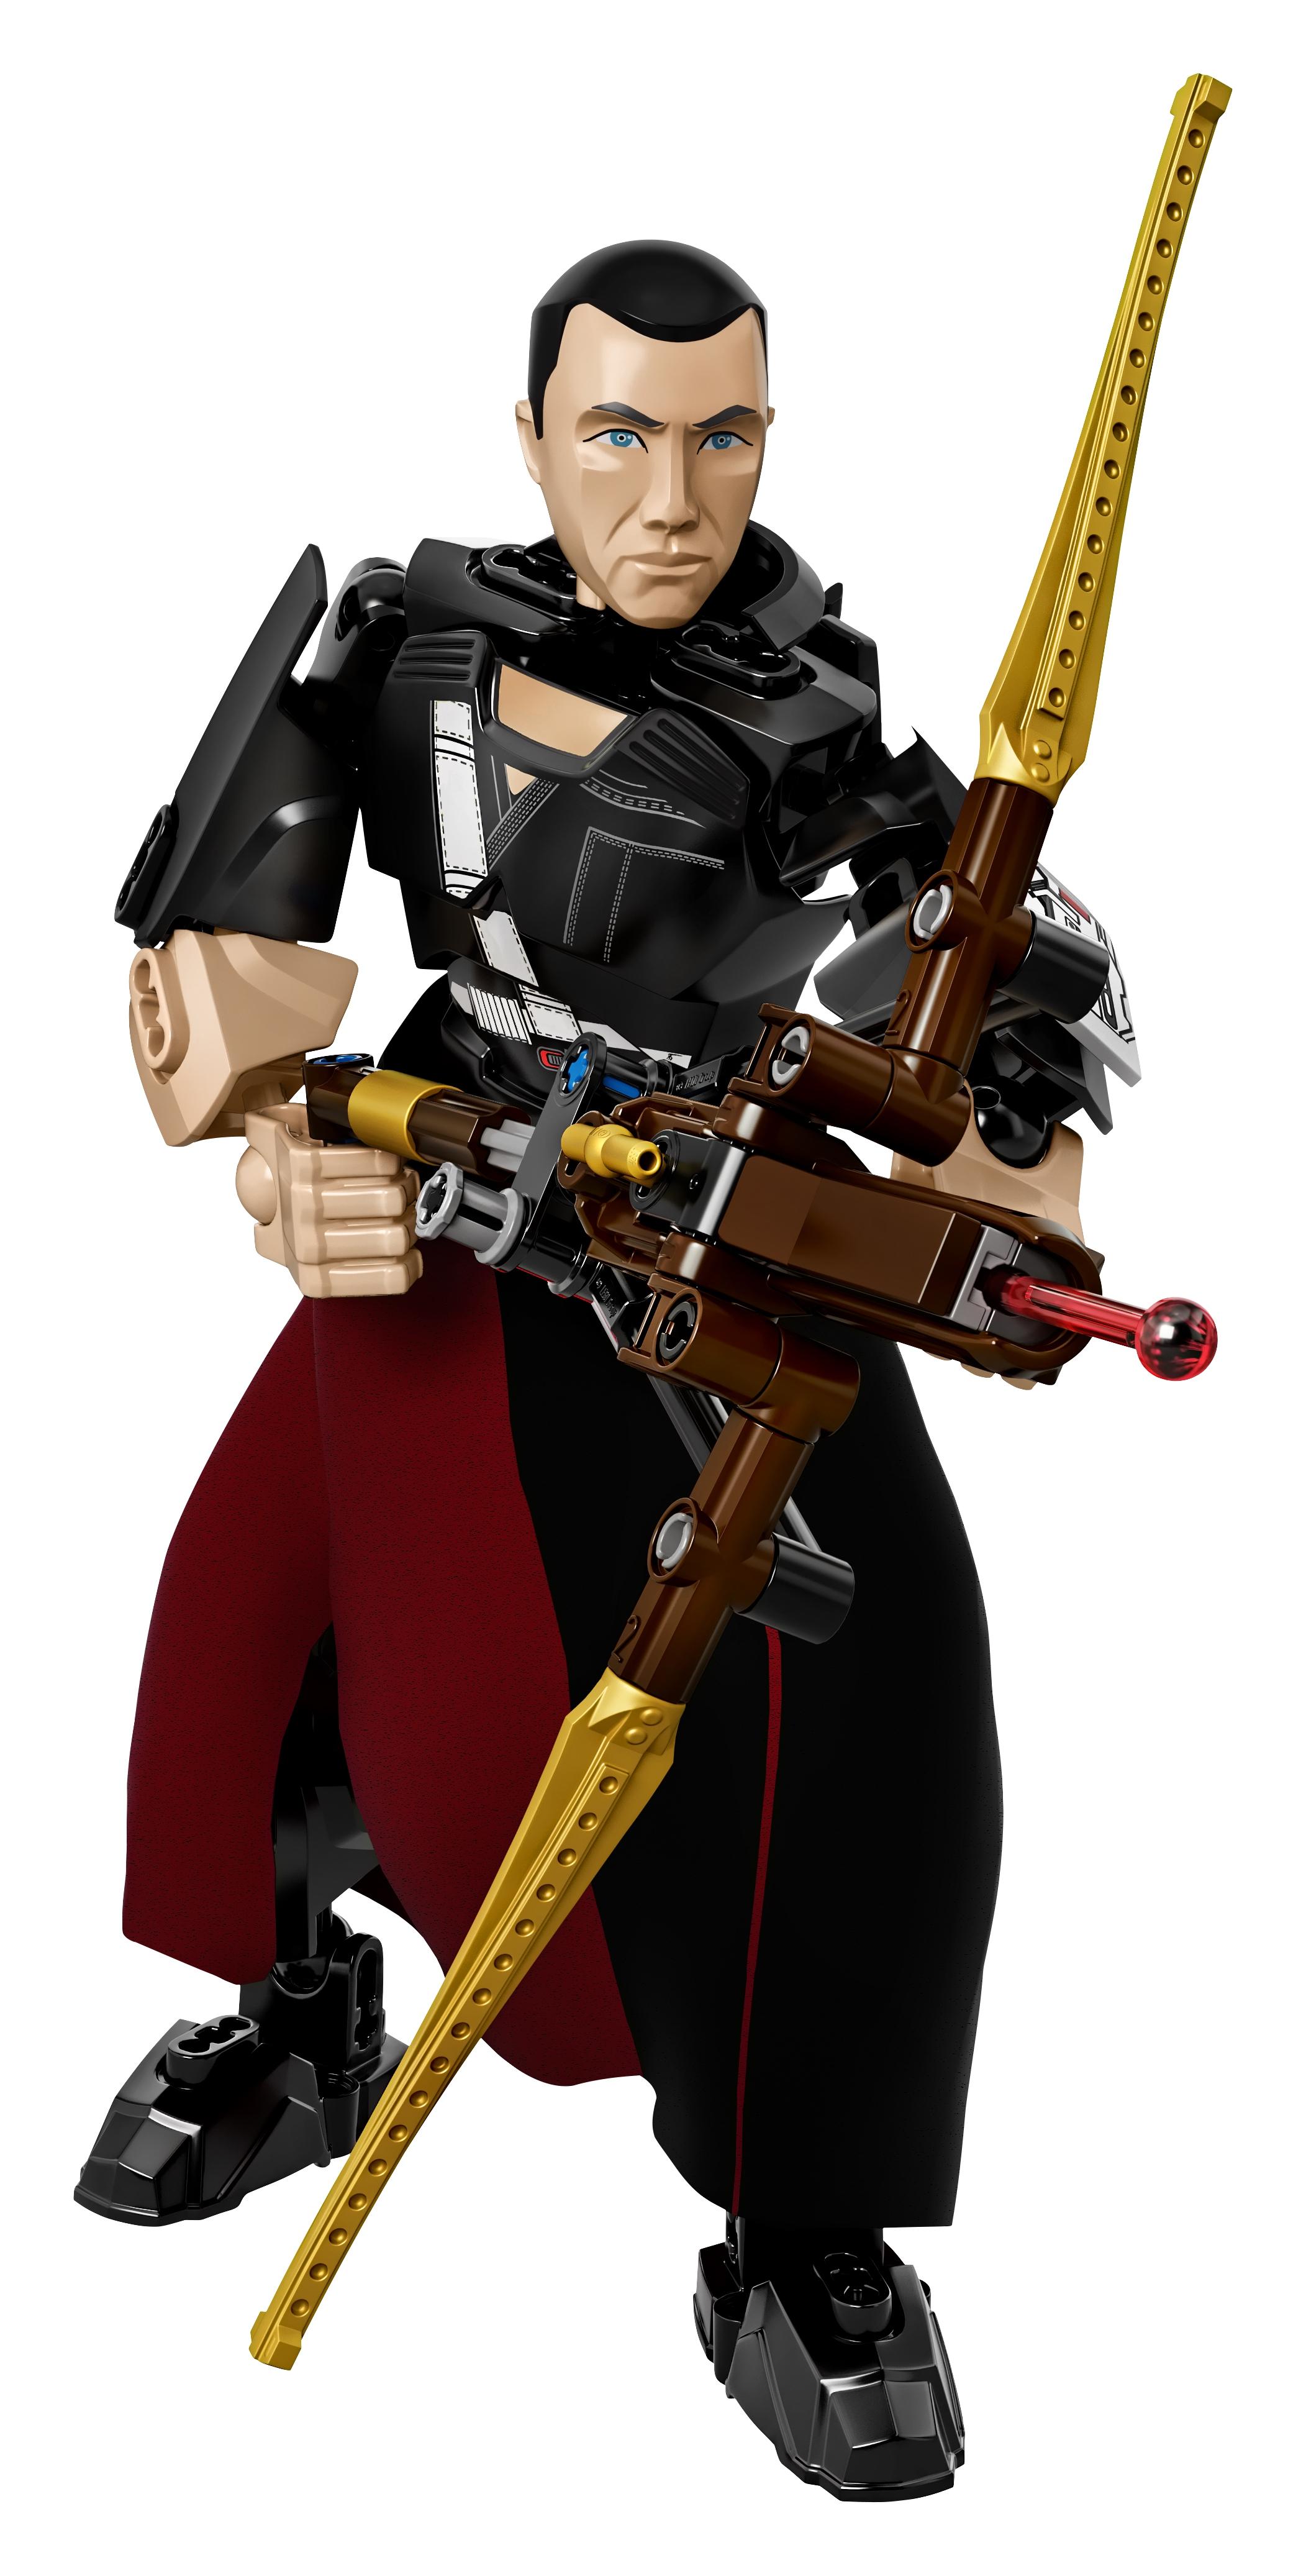 Конструктор LEGO Star Wars 75524 Чиррут Имве